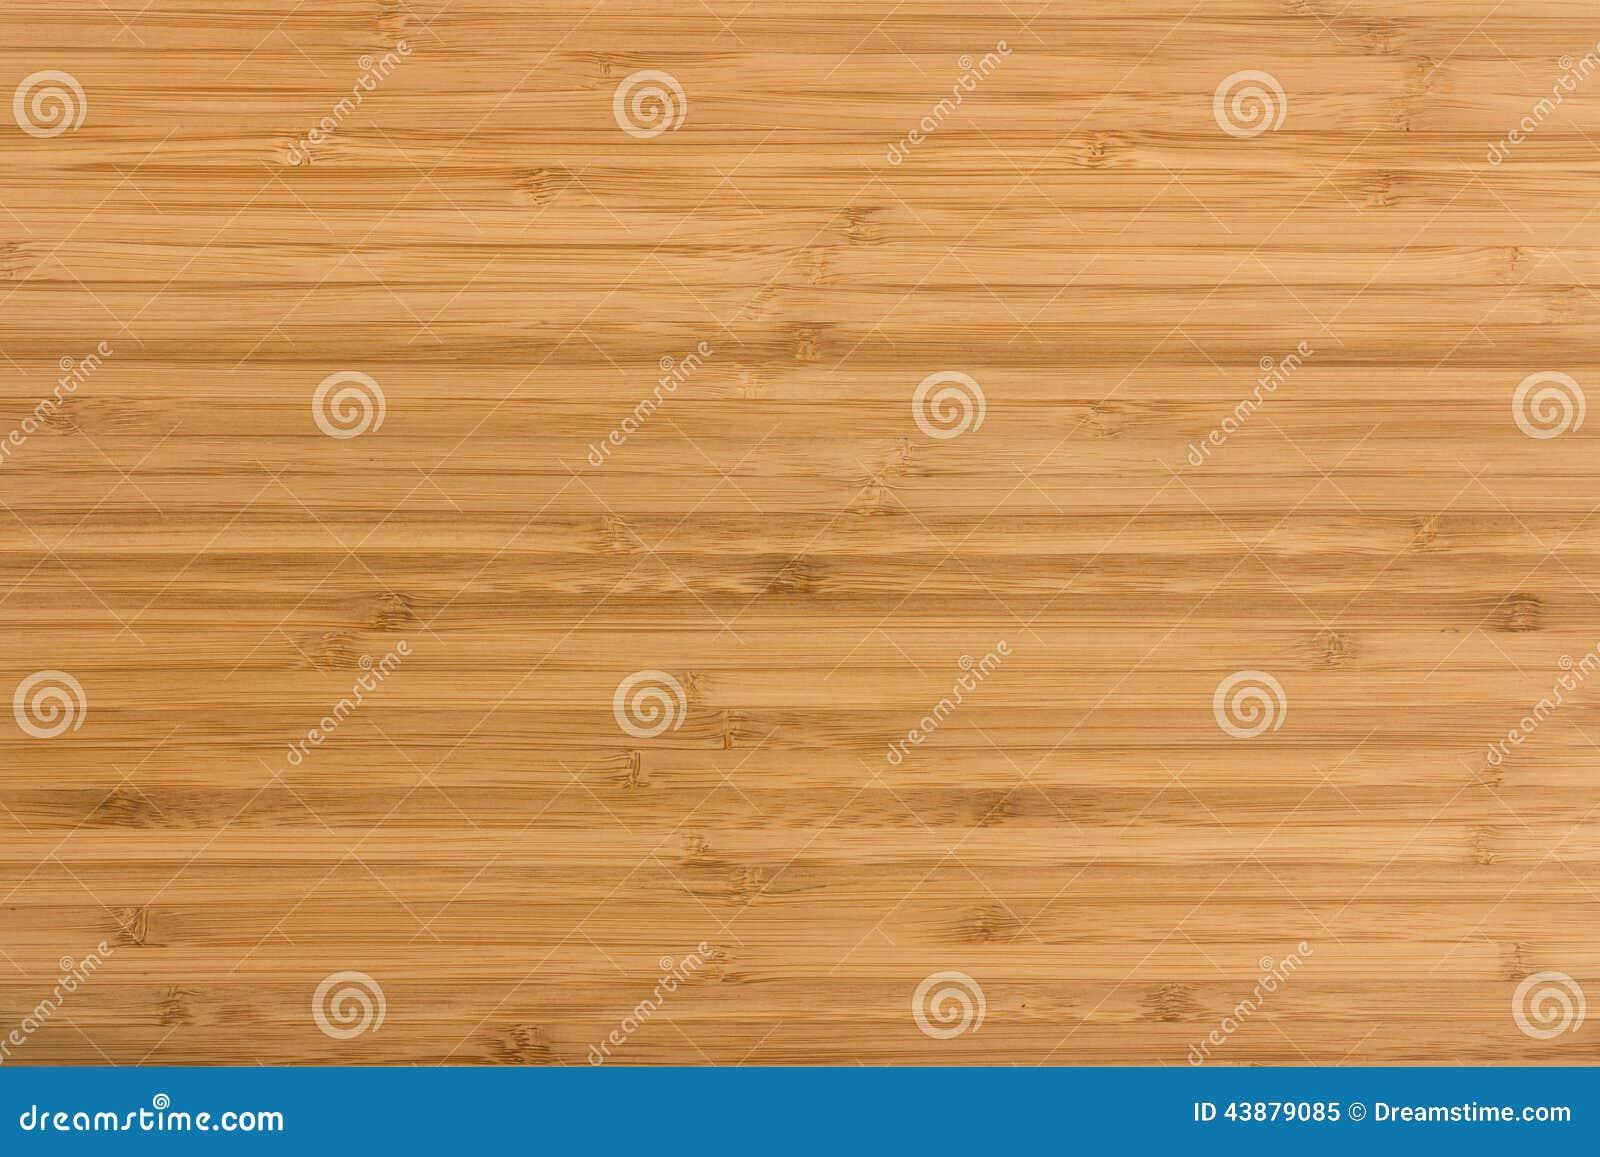 texture en bois image stock image du faisceau fond 43879085. Black Bedroom Furniture Sets. Home Design Ideas